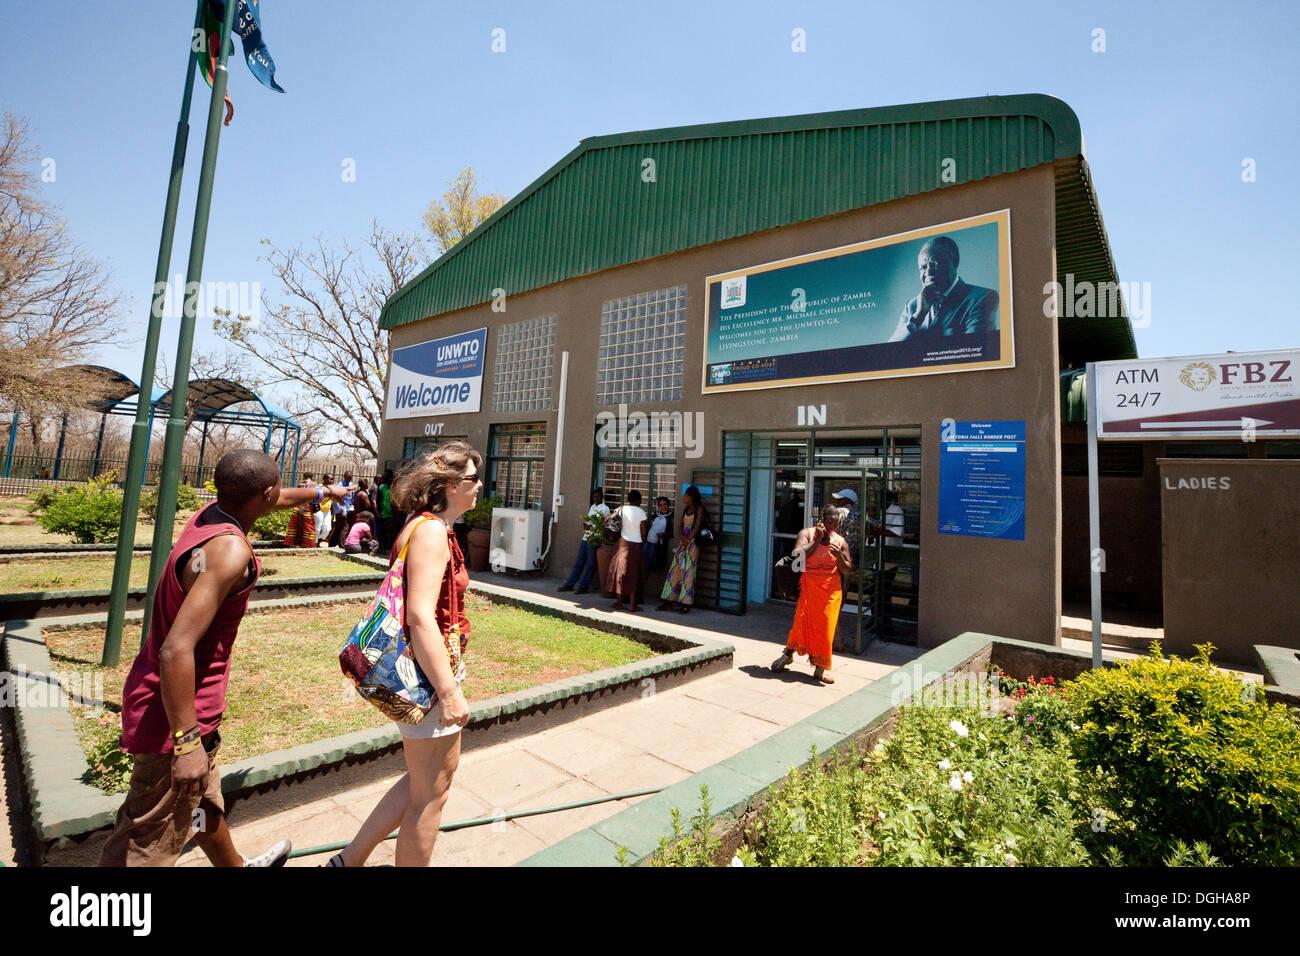 Les touristes et la population locale à la frontière avec la Zambie, Zimbabwe, Afrique du côté Zambien Photo Stock